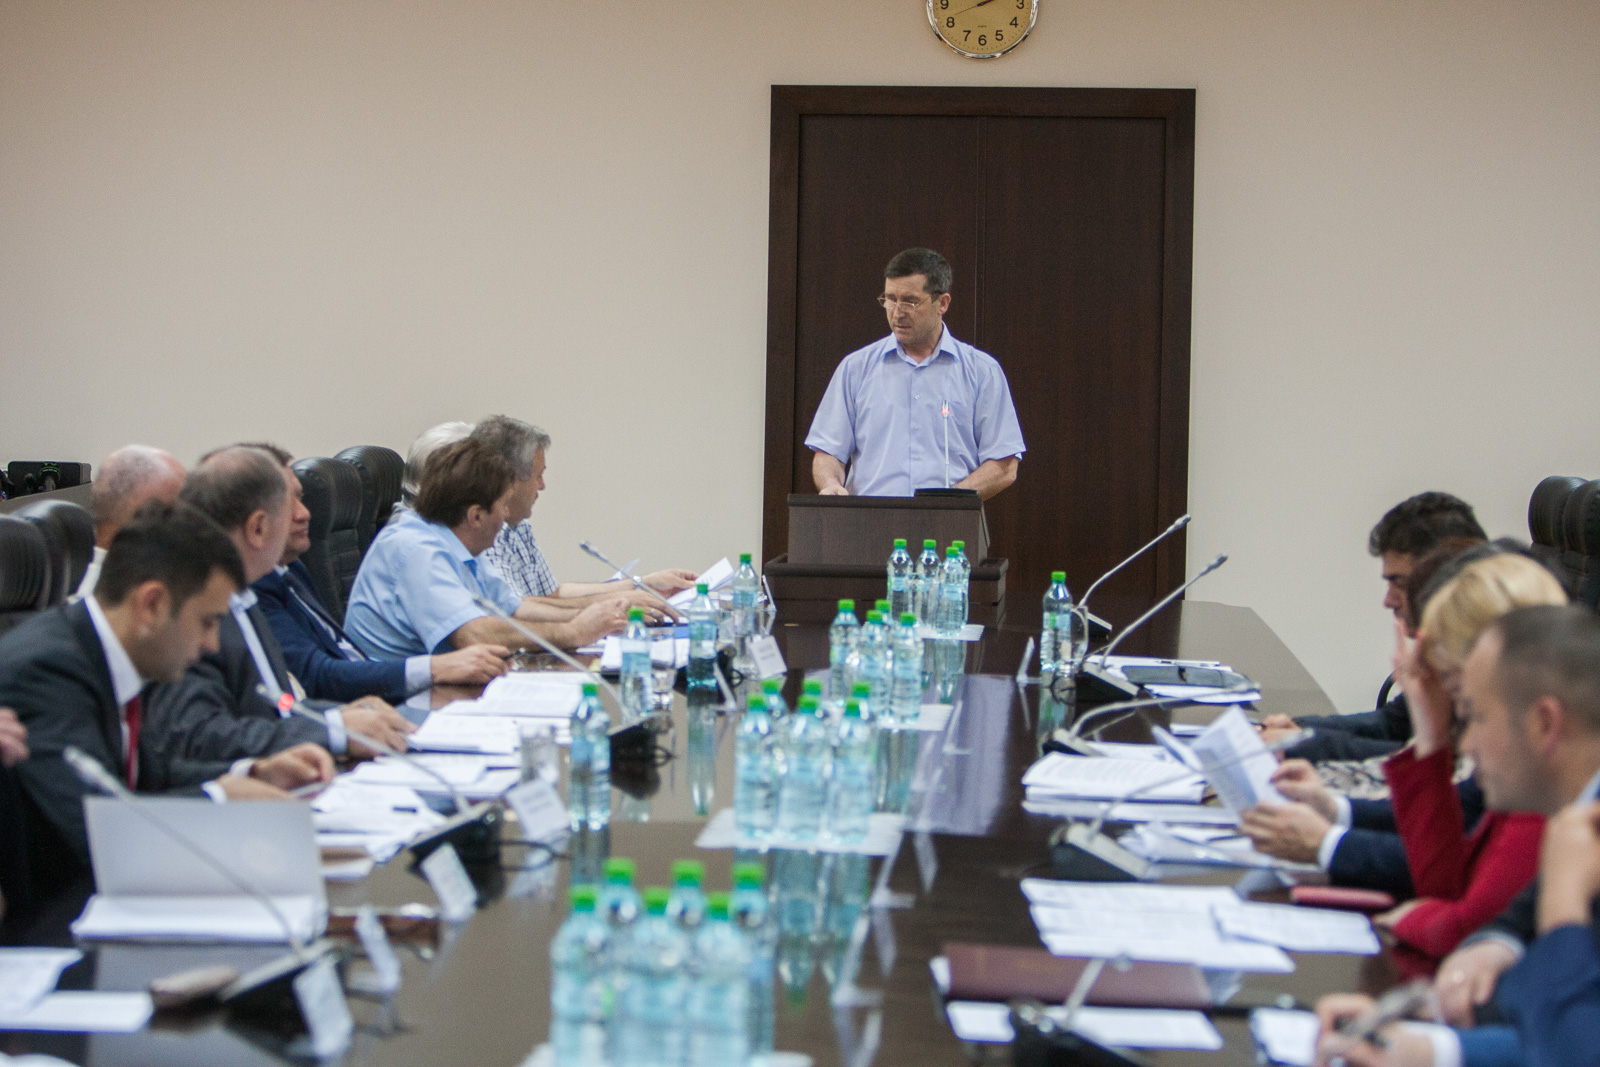 La 4 iunie 2015 a avut loc şedinţa Comisiei naţionale pentru consultări şi negocieri colective, prezidată de Prim-ministrul Chiril Gaburici